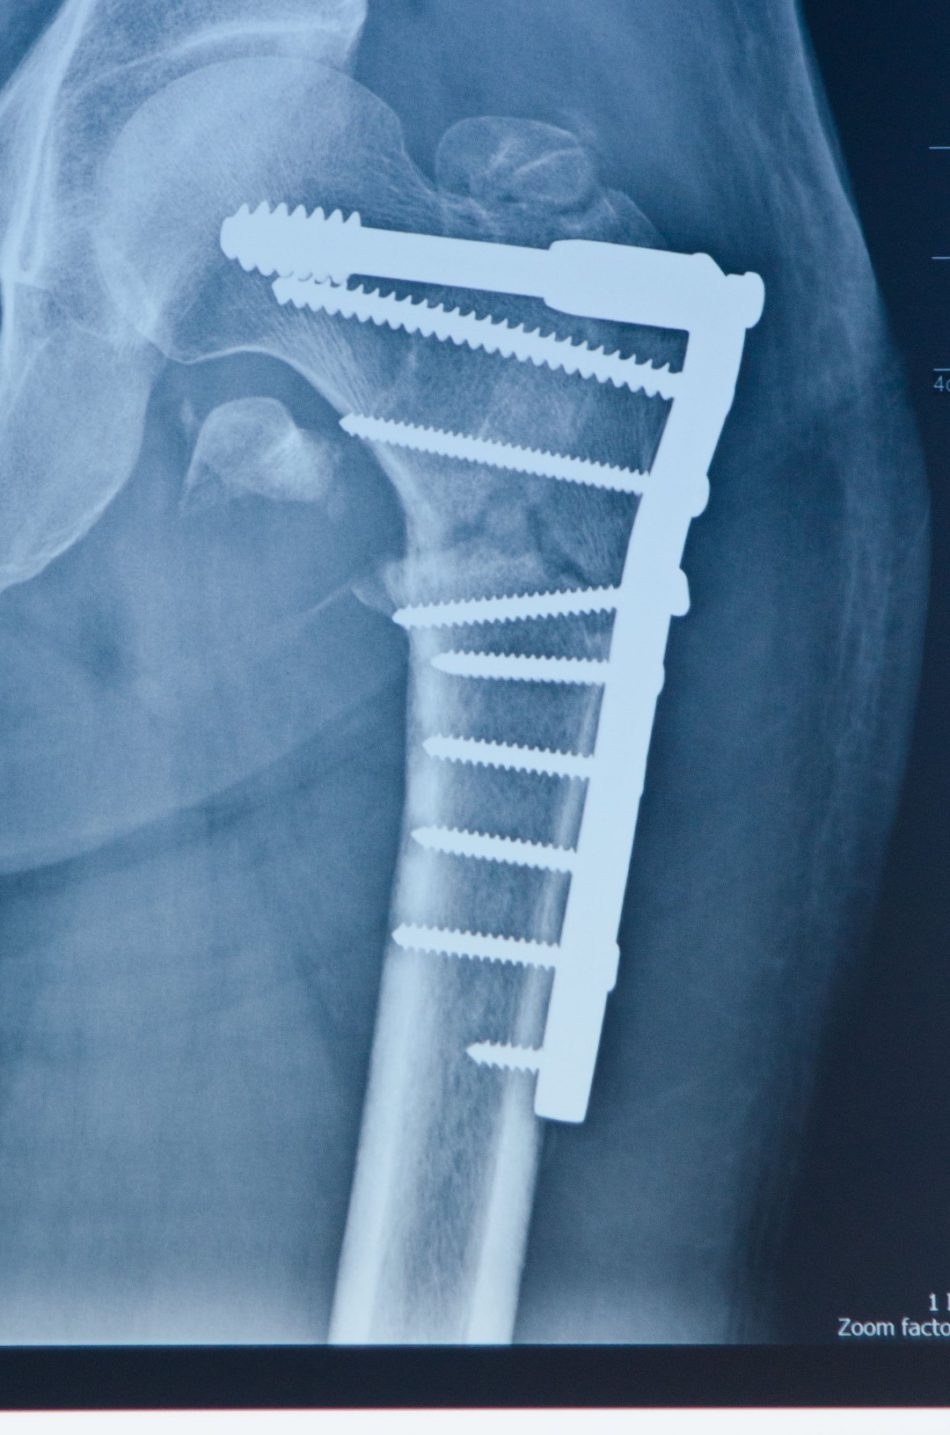 X Ray at 9 weeks